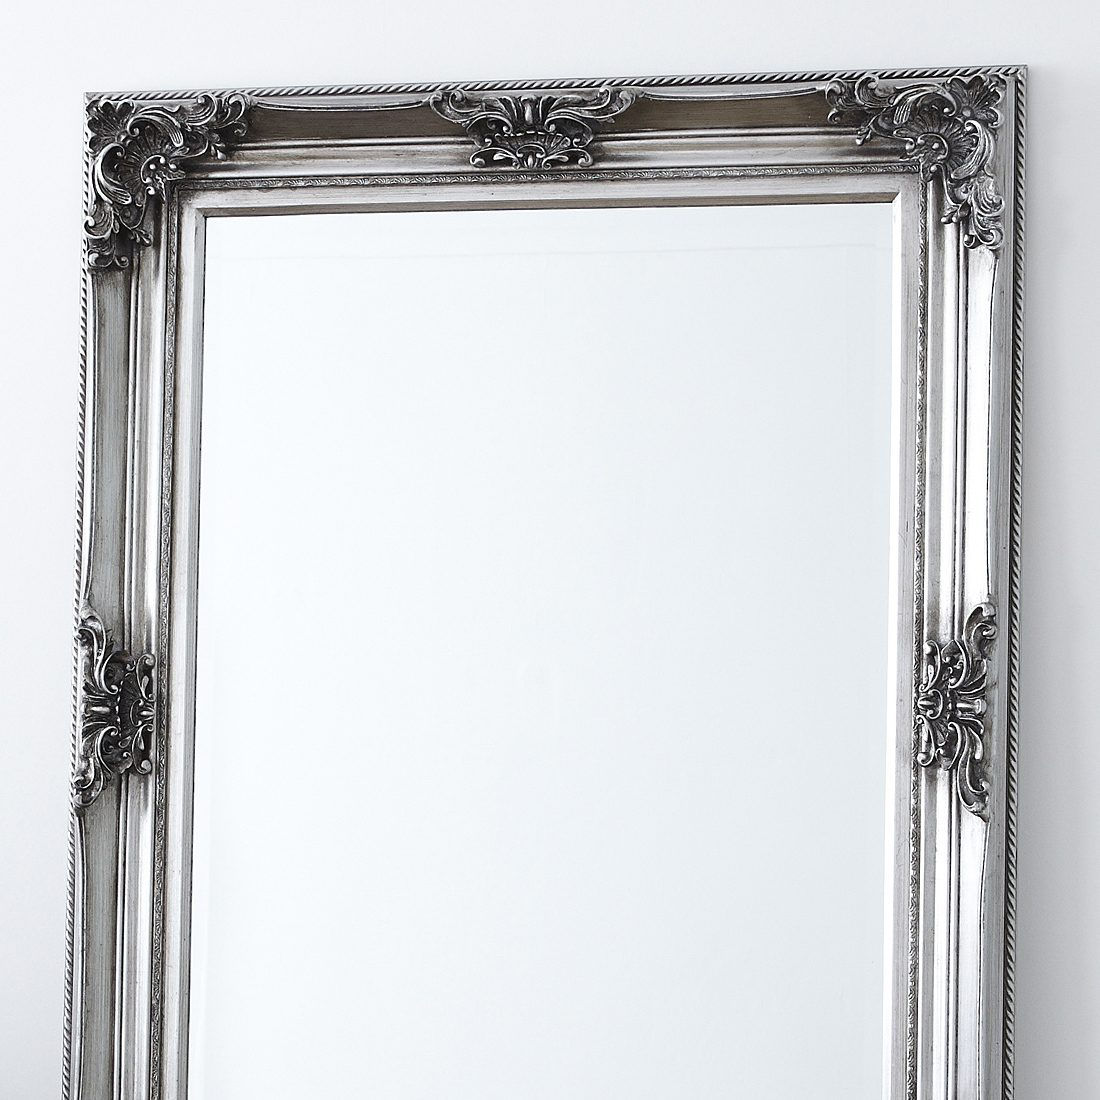 plum sofas uk sofa legs south africa decorative pewter floor standing mirror – primrose &